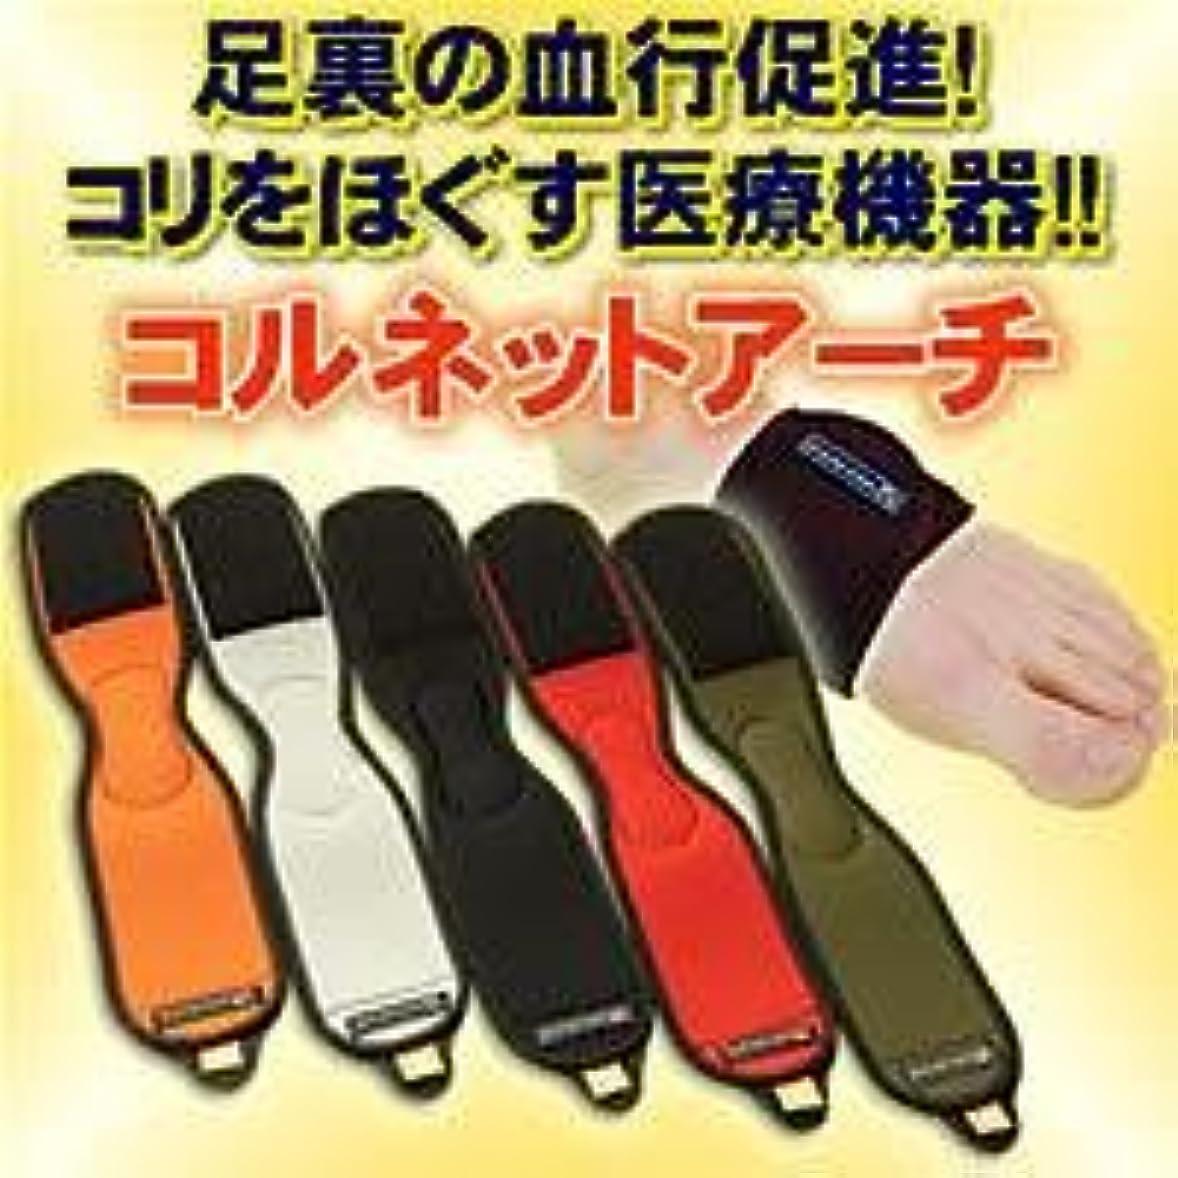 正規化空気可能性足裏軽快 コルネットアーチ 2枚組 p-9060 (ブラック&オレンジ)